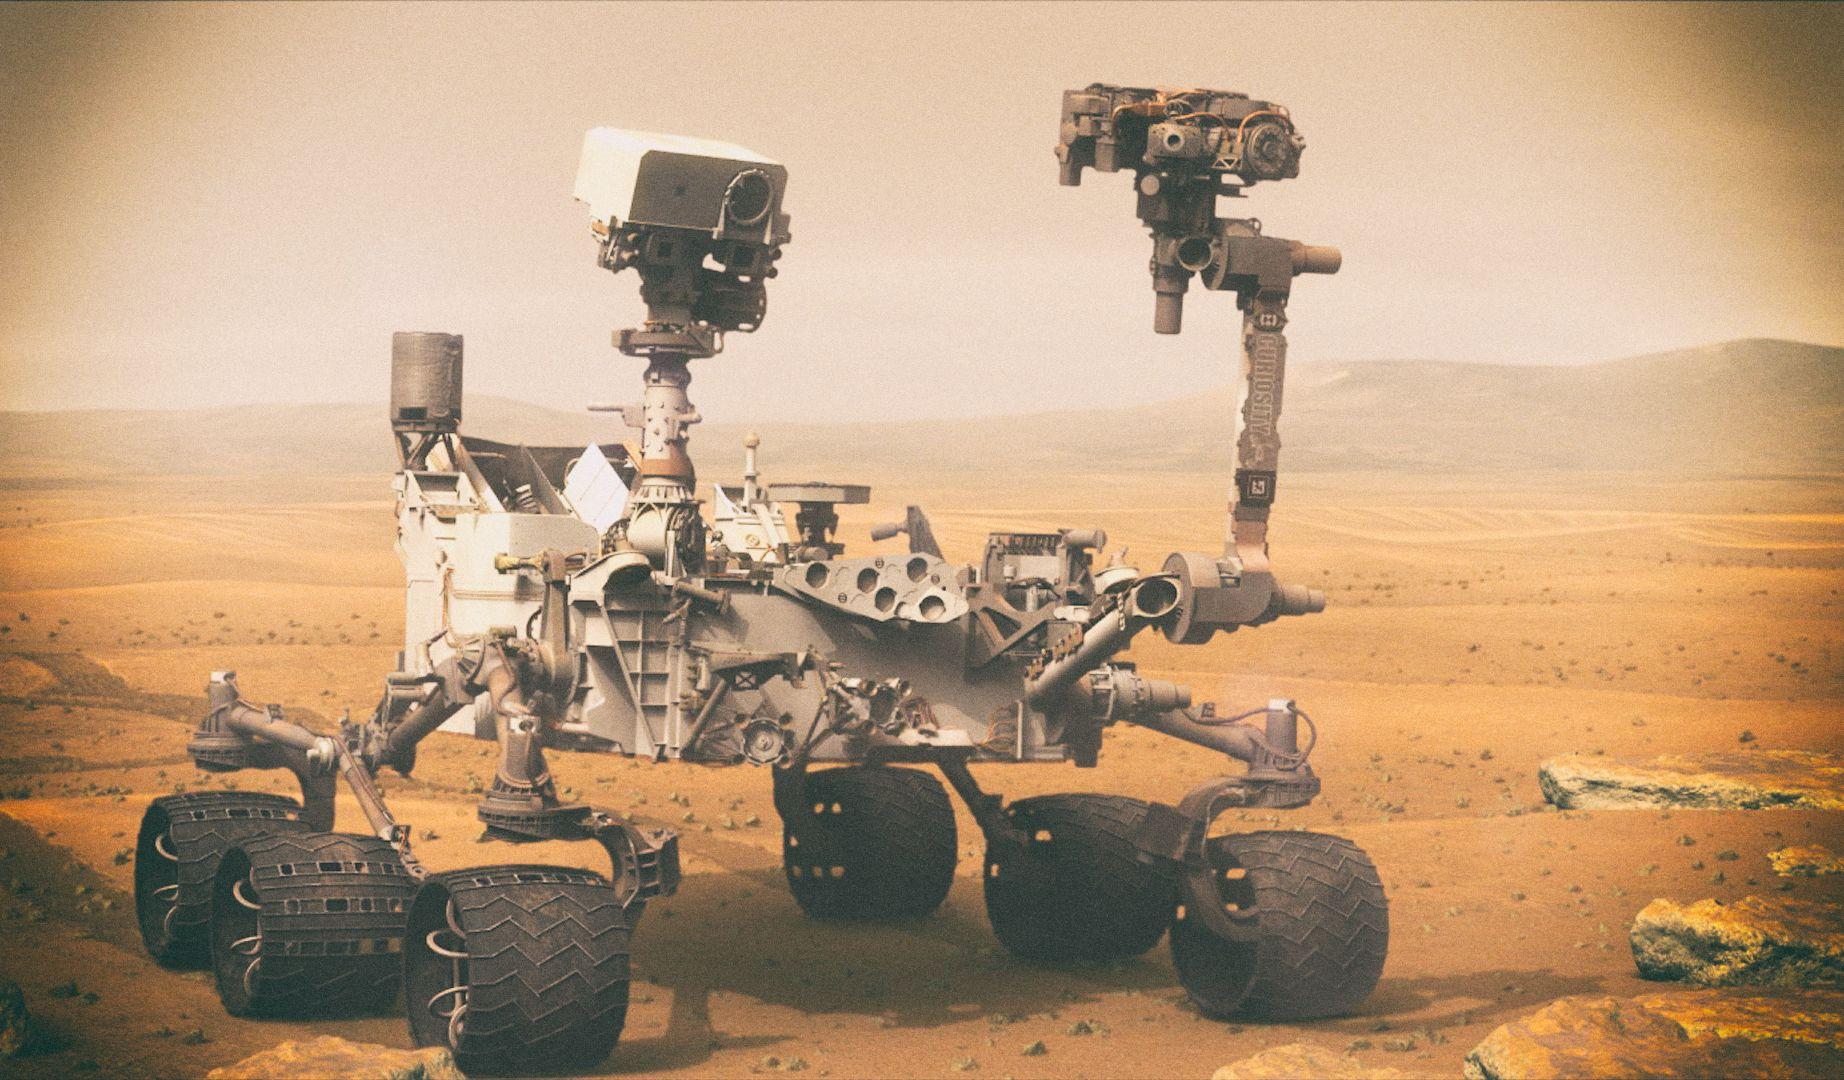 Марсоход NASA нашел на Марсе следы органики